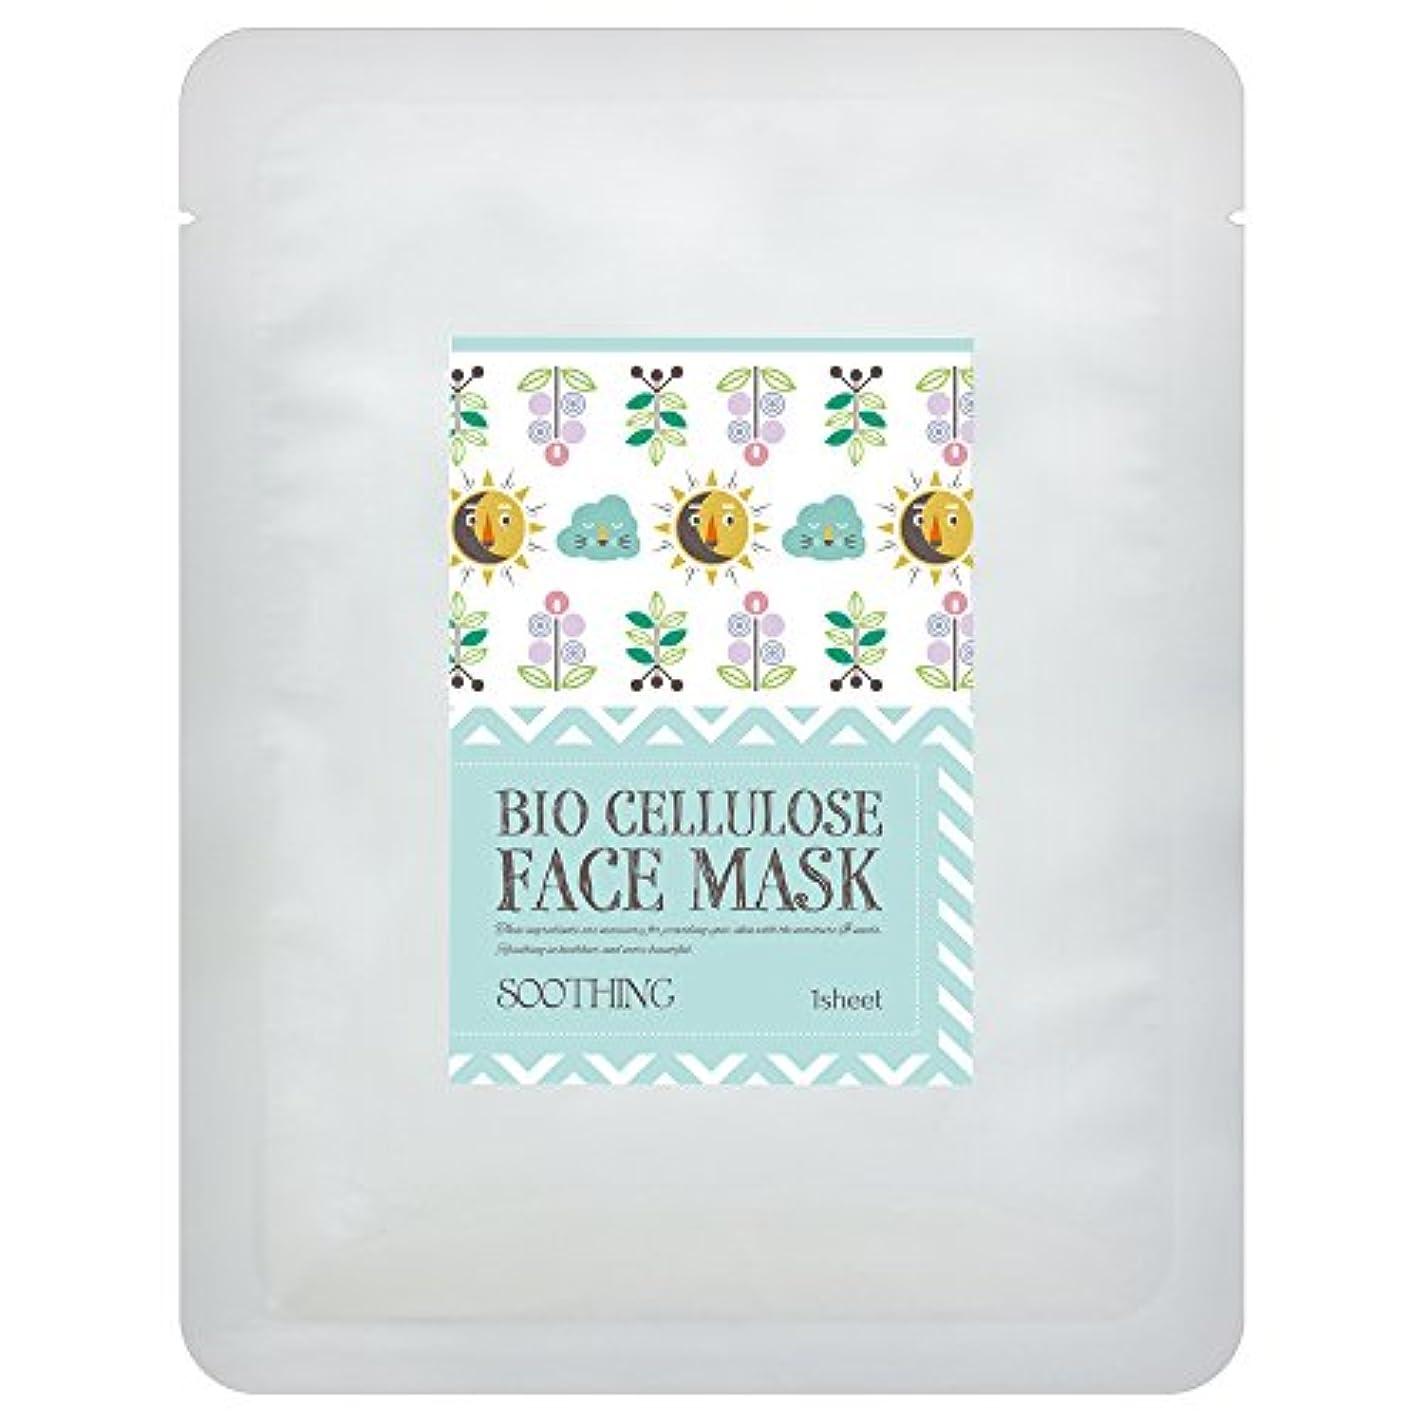 区別するマーベル鮮やかな日本製バイオセルロース フェイスマスク SOOTHING(引き締め) 1枚